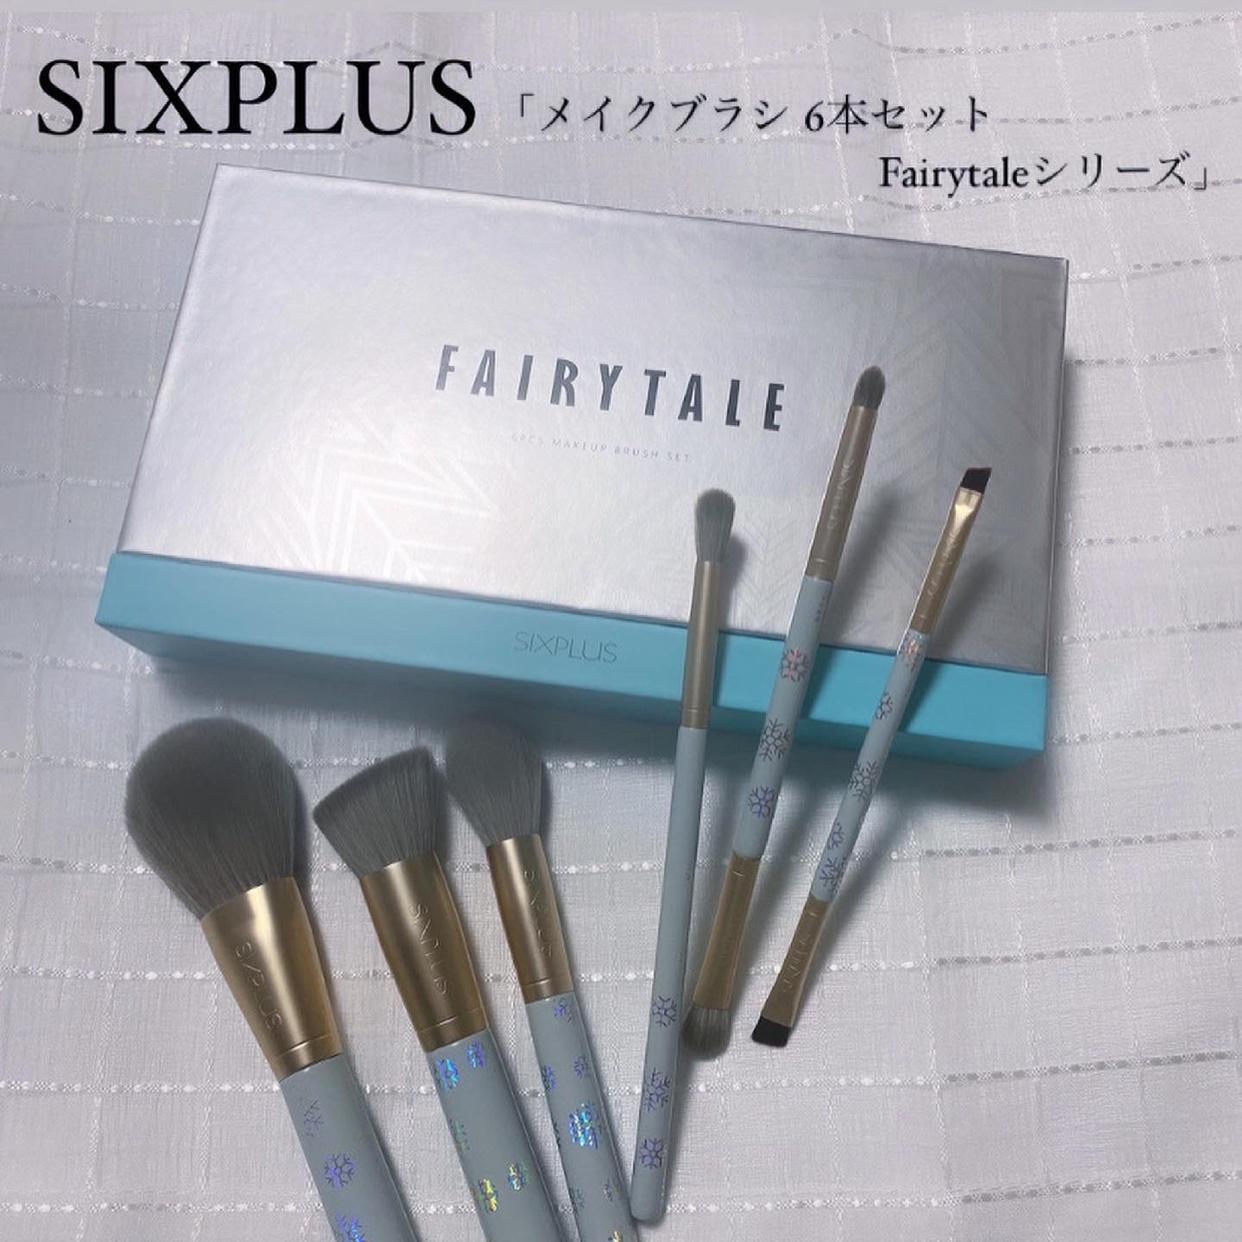 SIXPLUS(シックスプラス)メイクブラシ 6本セット Fairytaleシリーズを使ったfukaさんのクチコミ画像1